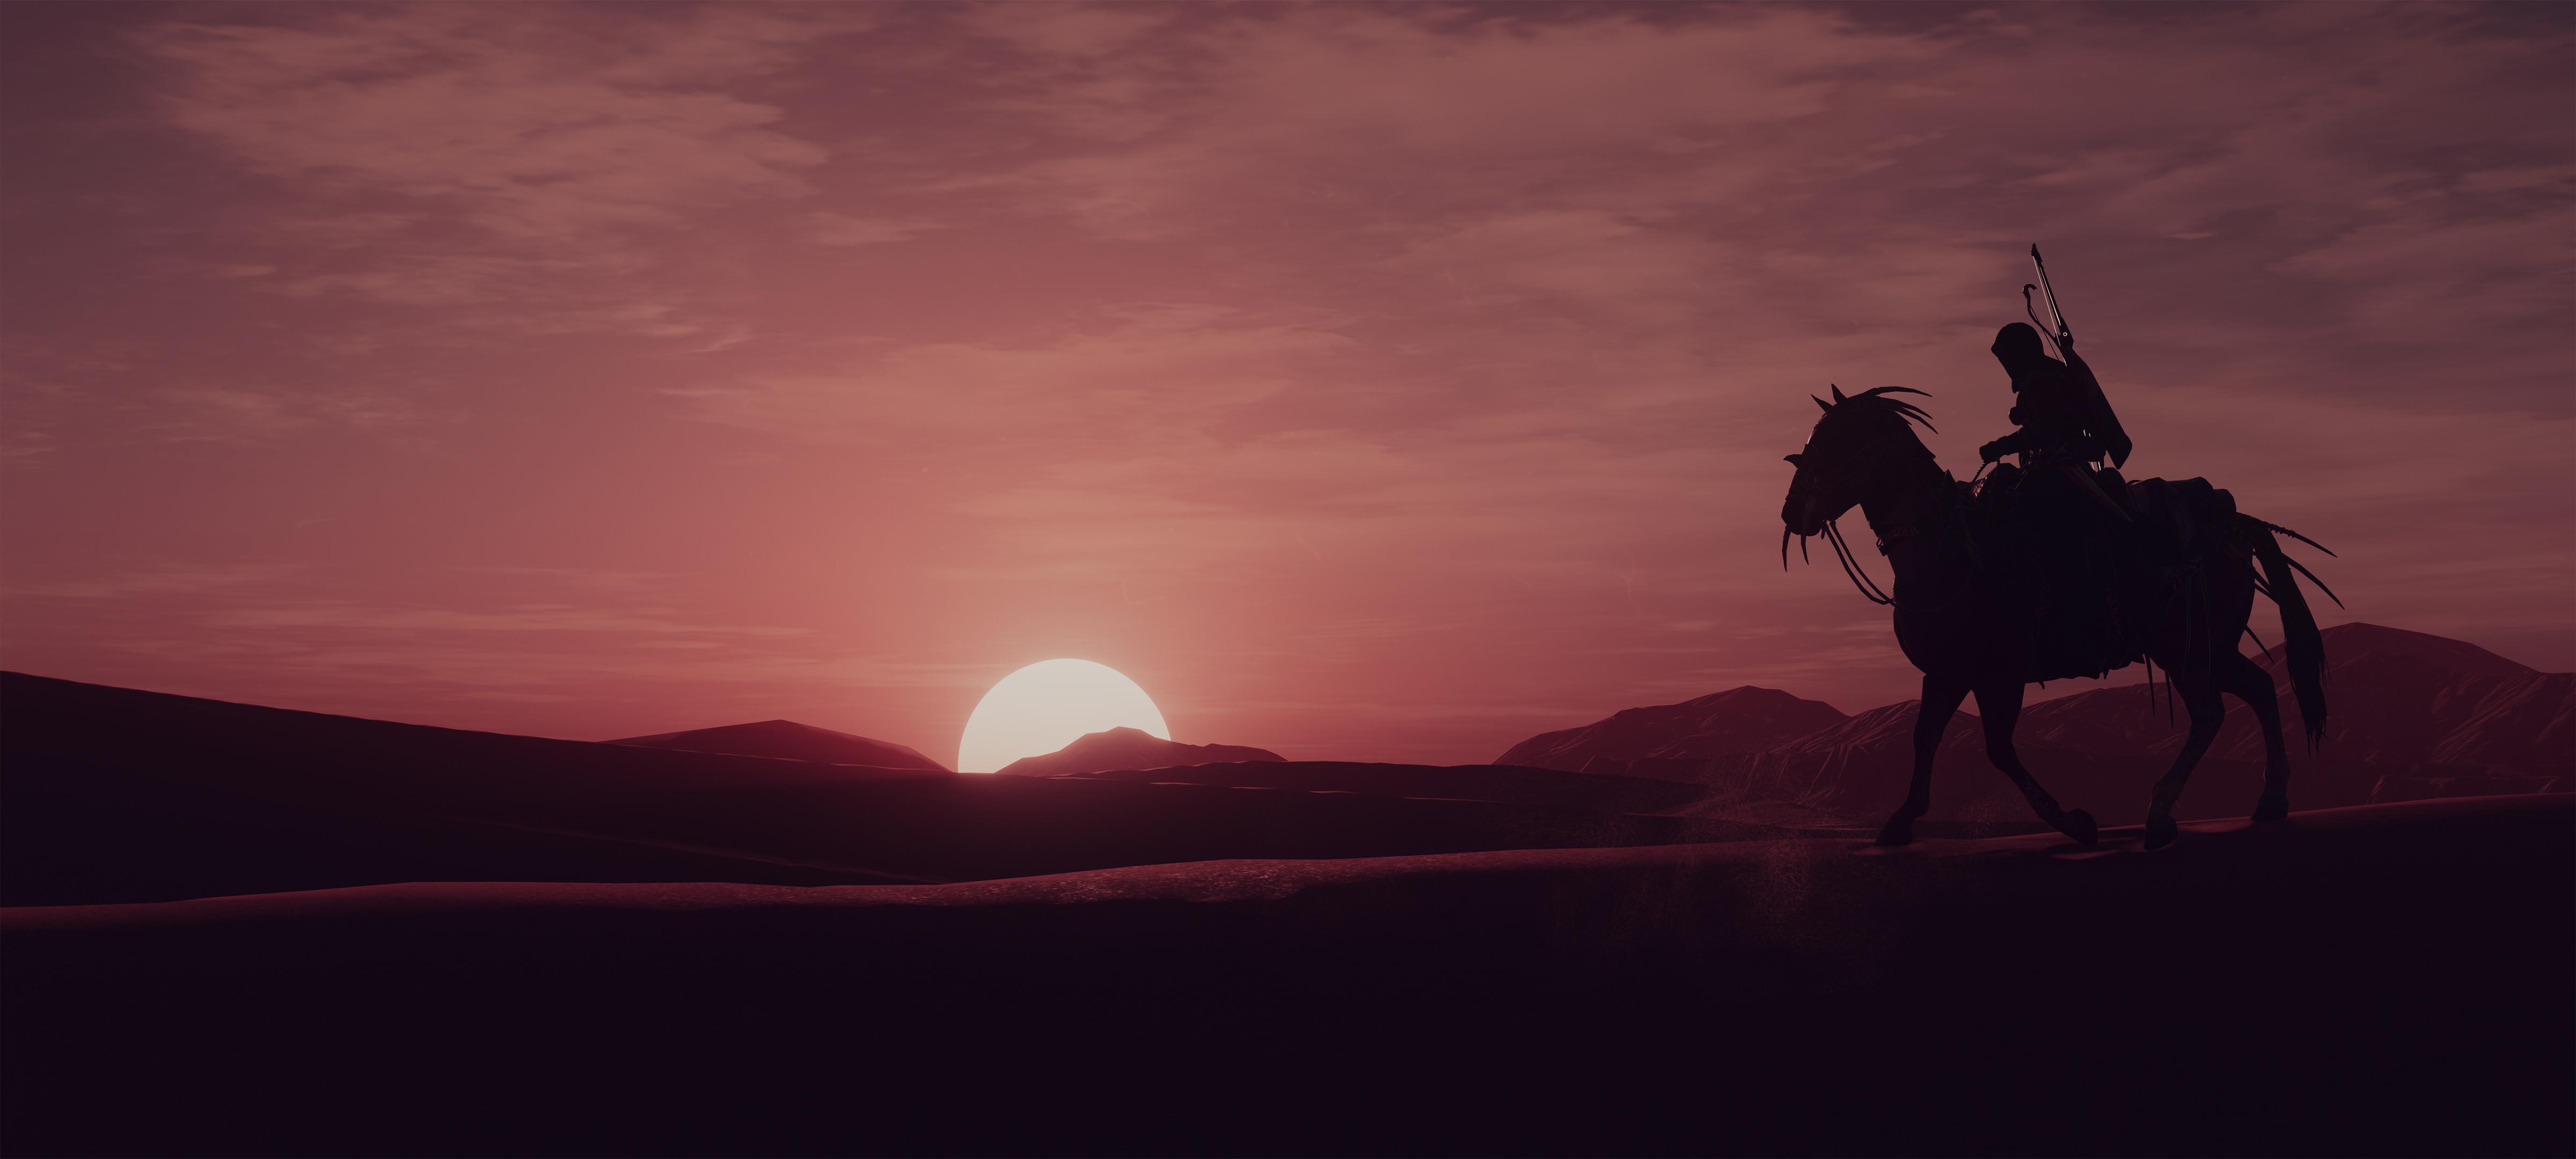 2018 Assassins Creed Origins 4k Hd Games 4k Wallpapers: Assassins Creed Origins Sunset Time 4k, HD Games, 4k